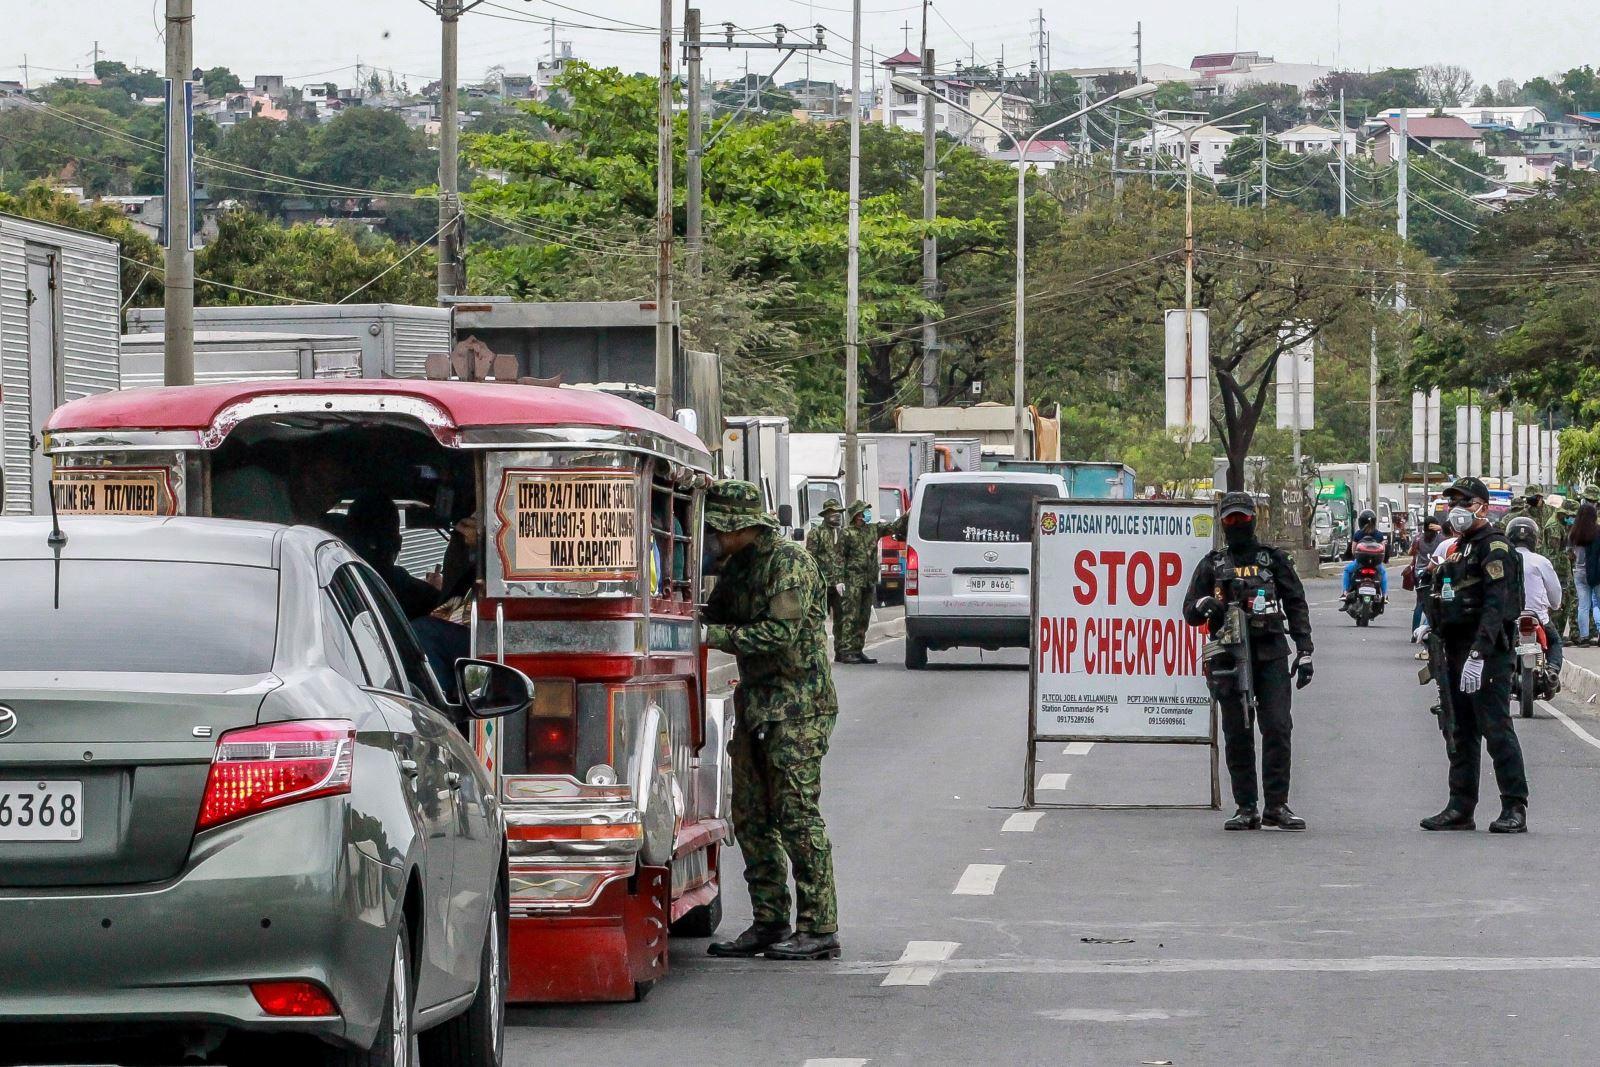 Cảnh sát kiểm tra thân nhiệt của người dân tại một điểm kiểm soát ở Quezon, Philippines ngày 16-3-2020, nhằm ngăn chặn sự lây lan của COVID-19. Ảnh: THX/ TTXVN